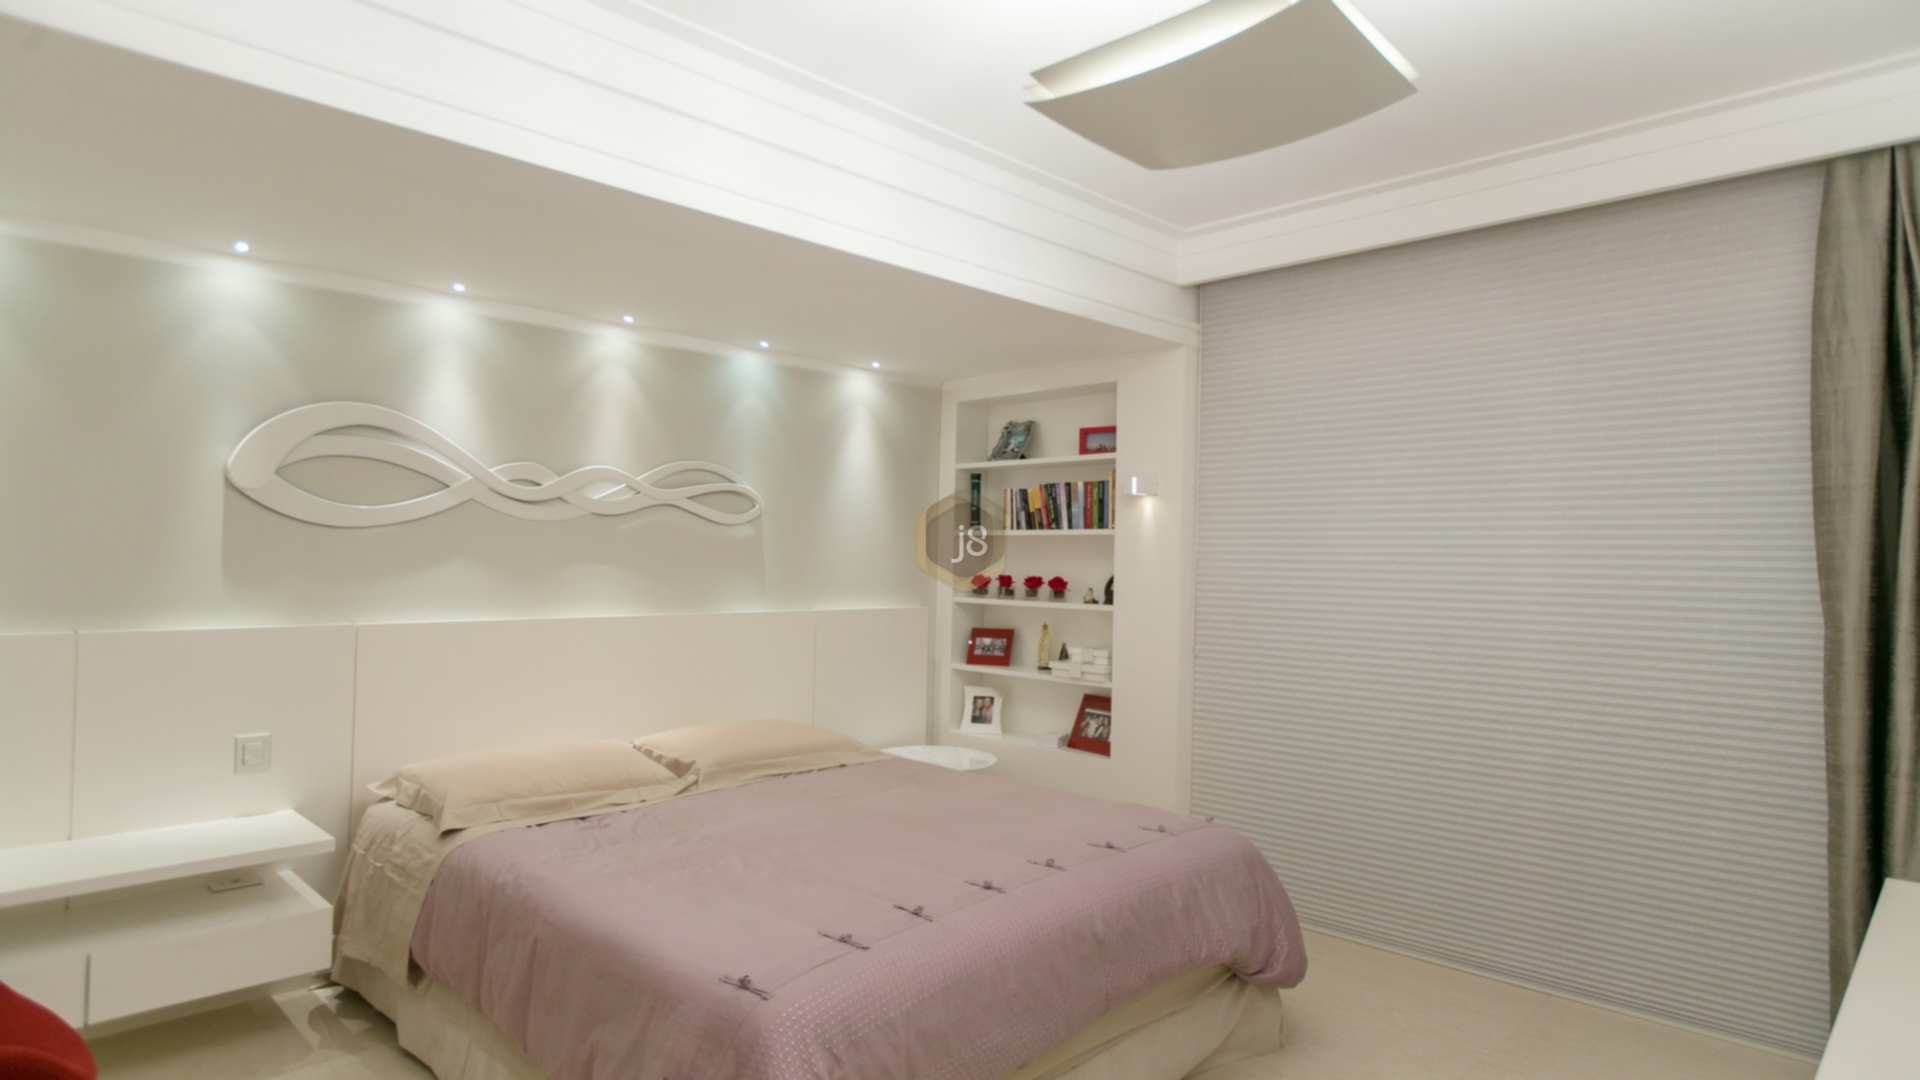 Casa Em Condominio de 4 dormitórios à venda em Campo Comprido, Curitiba - PR